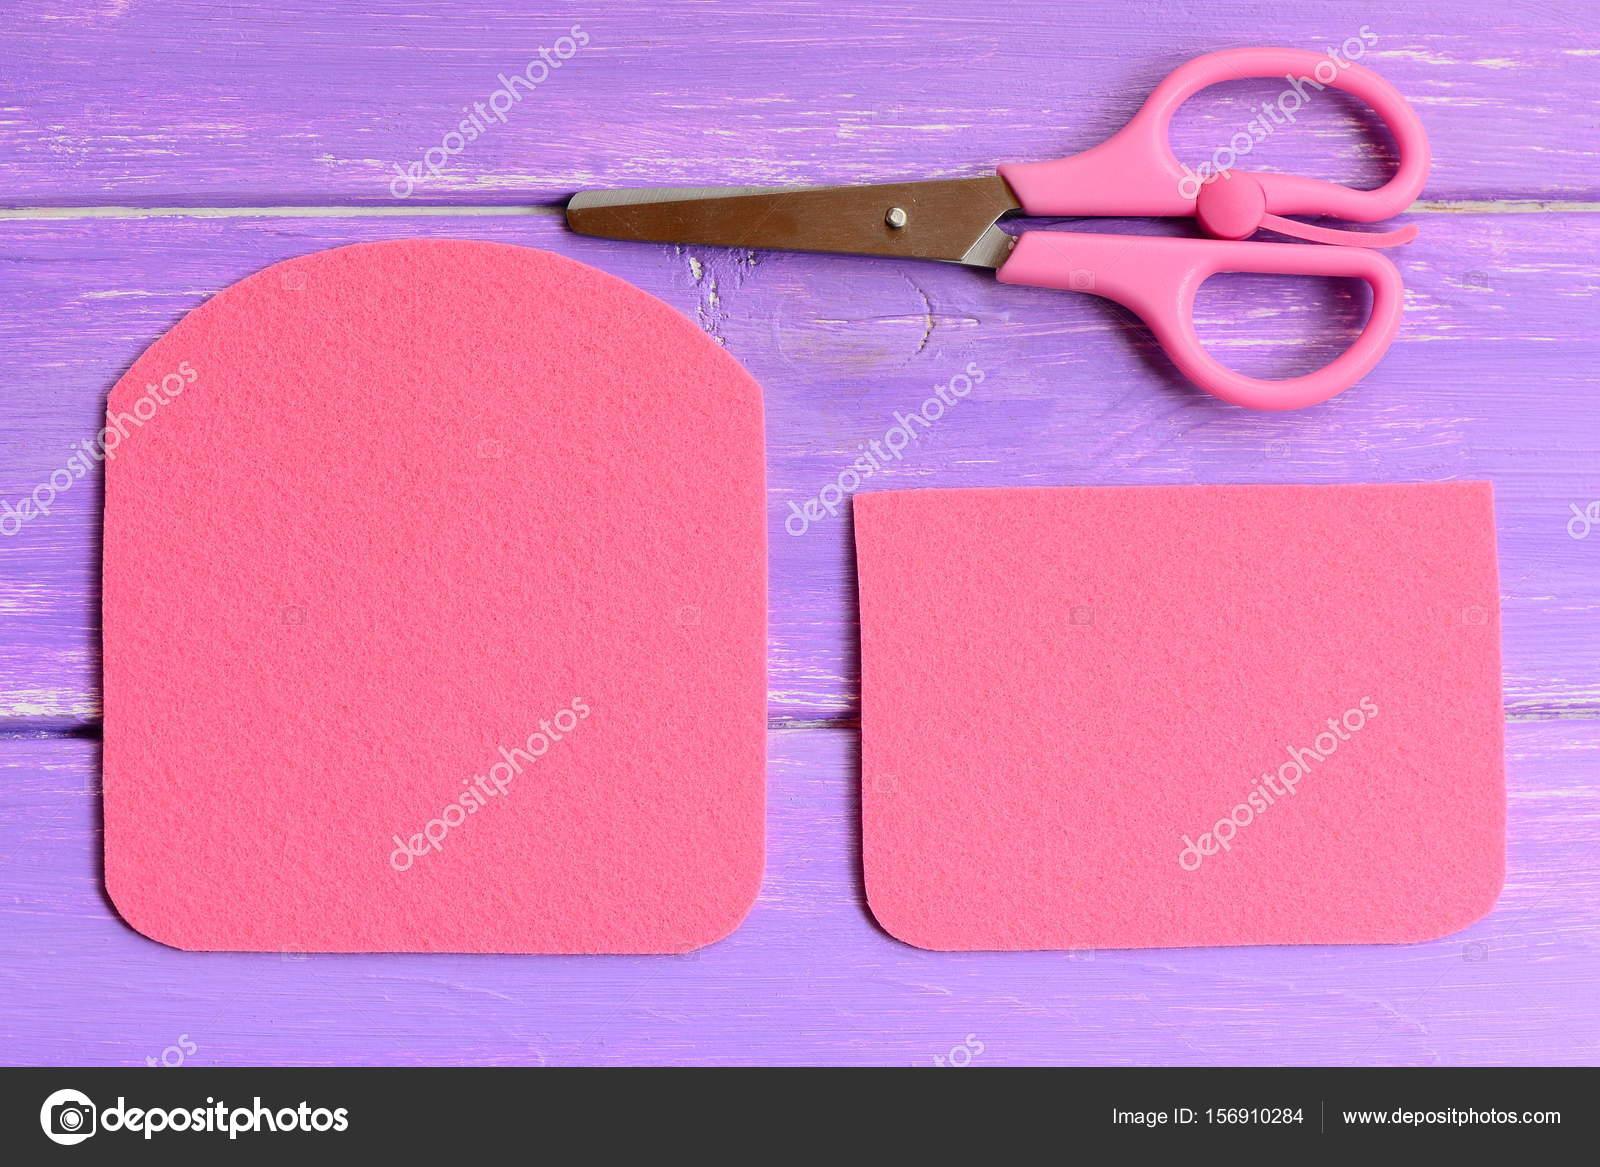 C mo hacer un monedero de fieltro simple paso gu an de manualidades de costura r pida y f cil - Manualidades de fieltro paso a paso ...